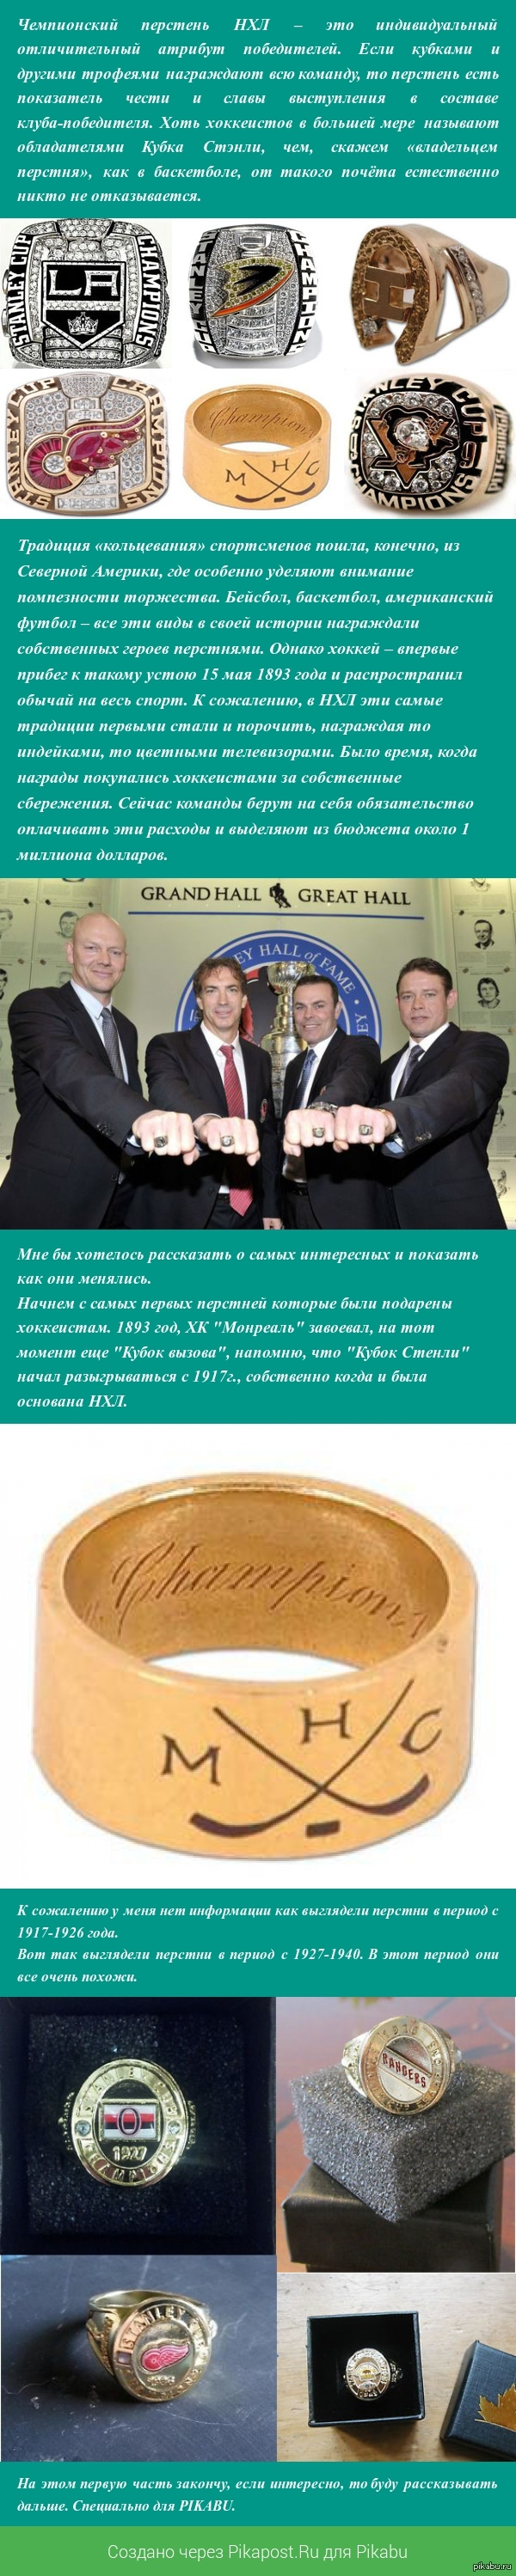 """Перстни чемпионов NHL Привет Пикабу, решил показать и рассказать о кольцах чемпионов NHL и завоевателей """"Кубка Стенли"""". Клеил, писал и немного мучался с Paint, специально для PIKAB"""